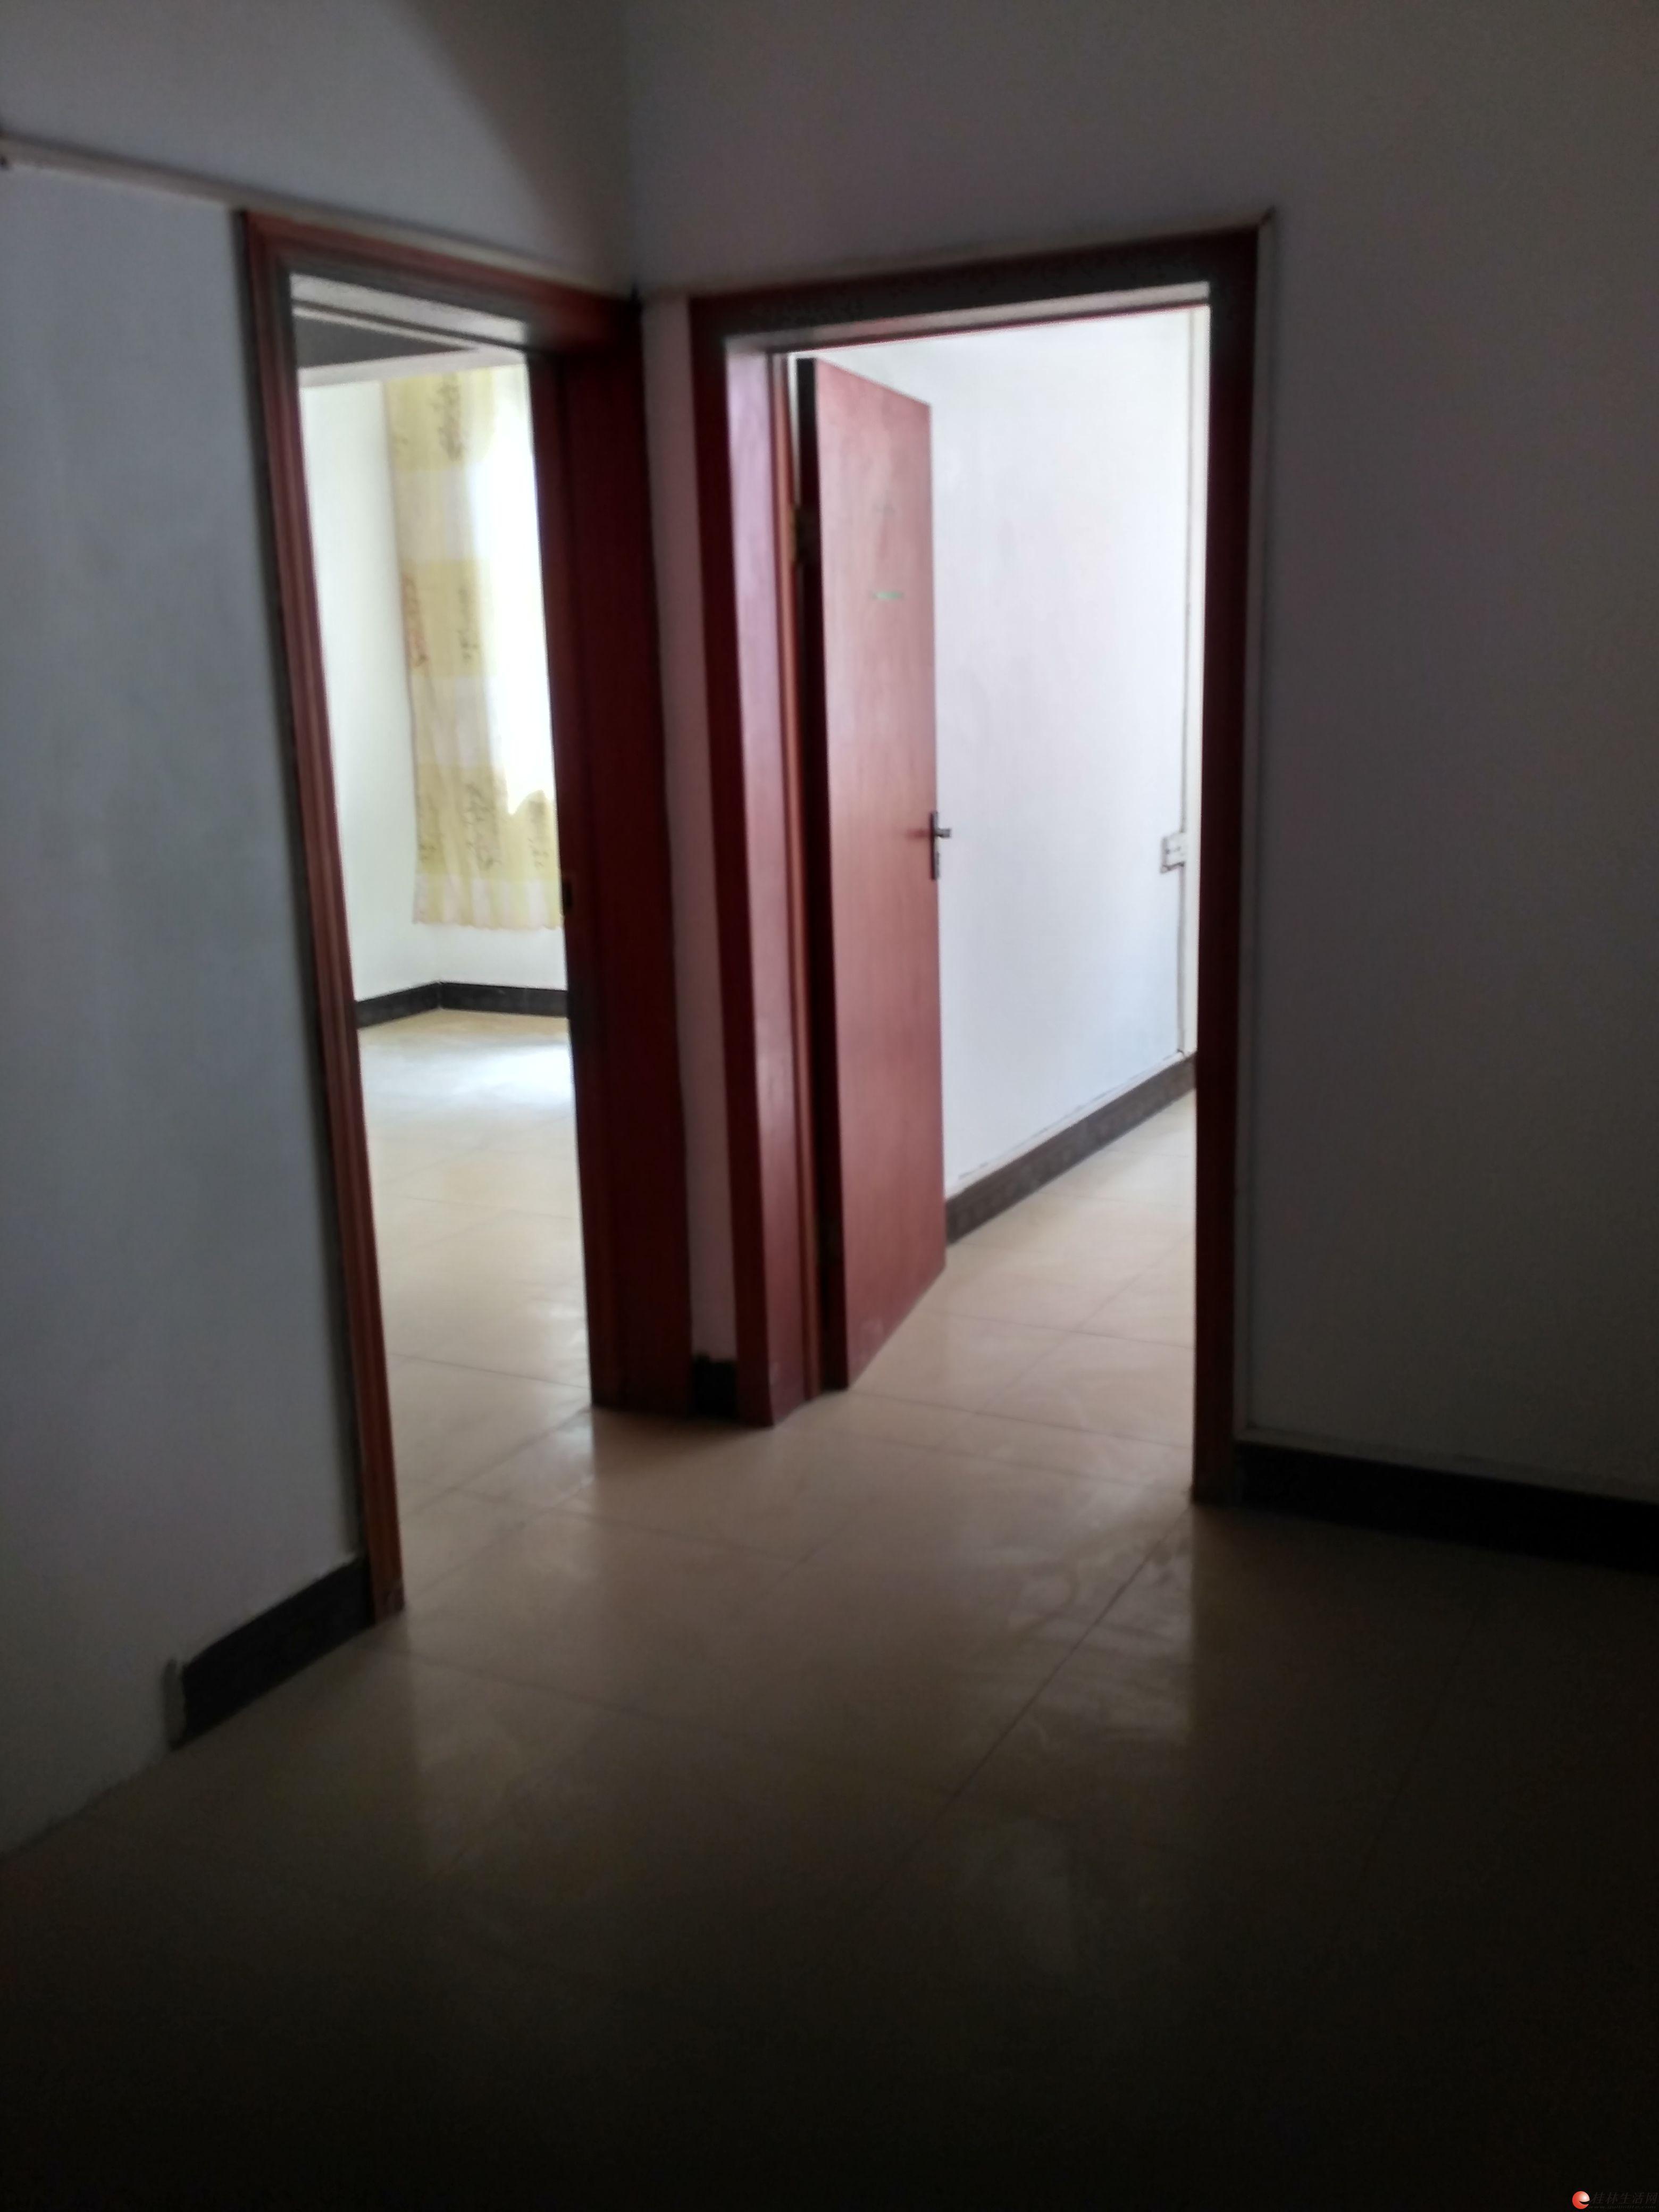 会元路 两房一厅两卫一厨整层 便宜出租,随时看房